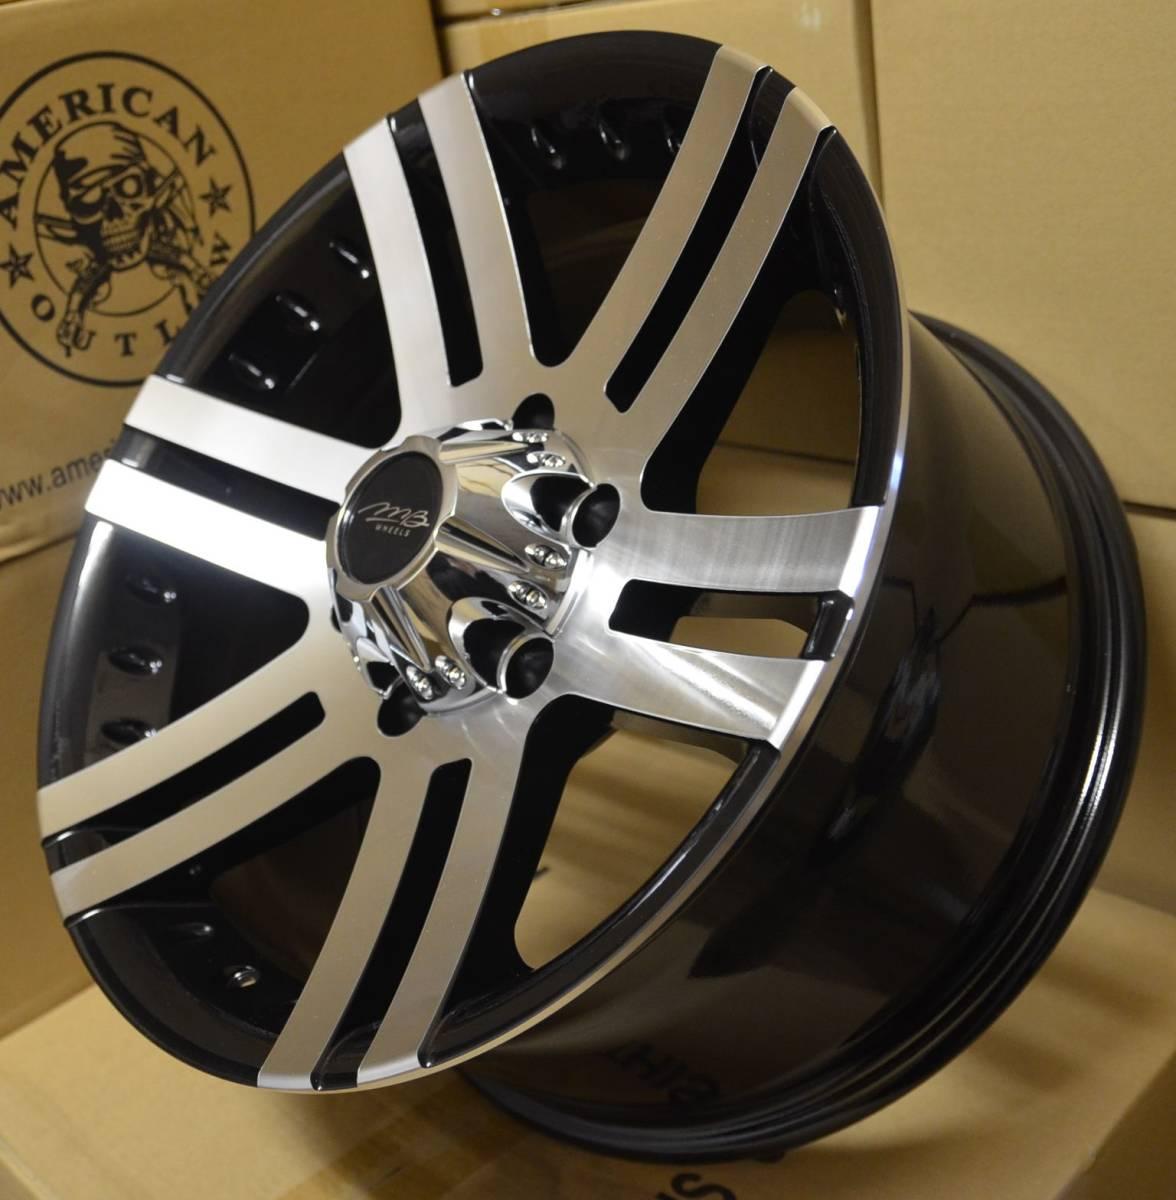 17インチ R17 17x8.5J OFF +10 ( 6h 135 ・ HUB 87.1 ) フォード F150 / エクスペディション ・ リンカン ナビゲーター / 5本セット 新品_4本セット出品 (4本価格)